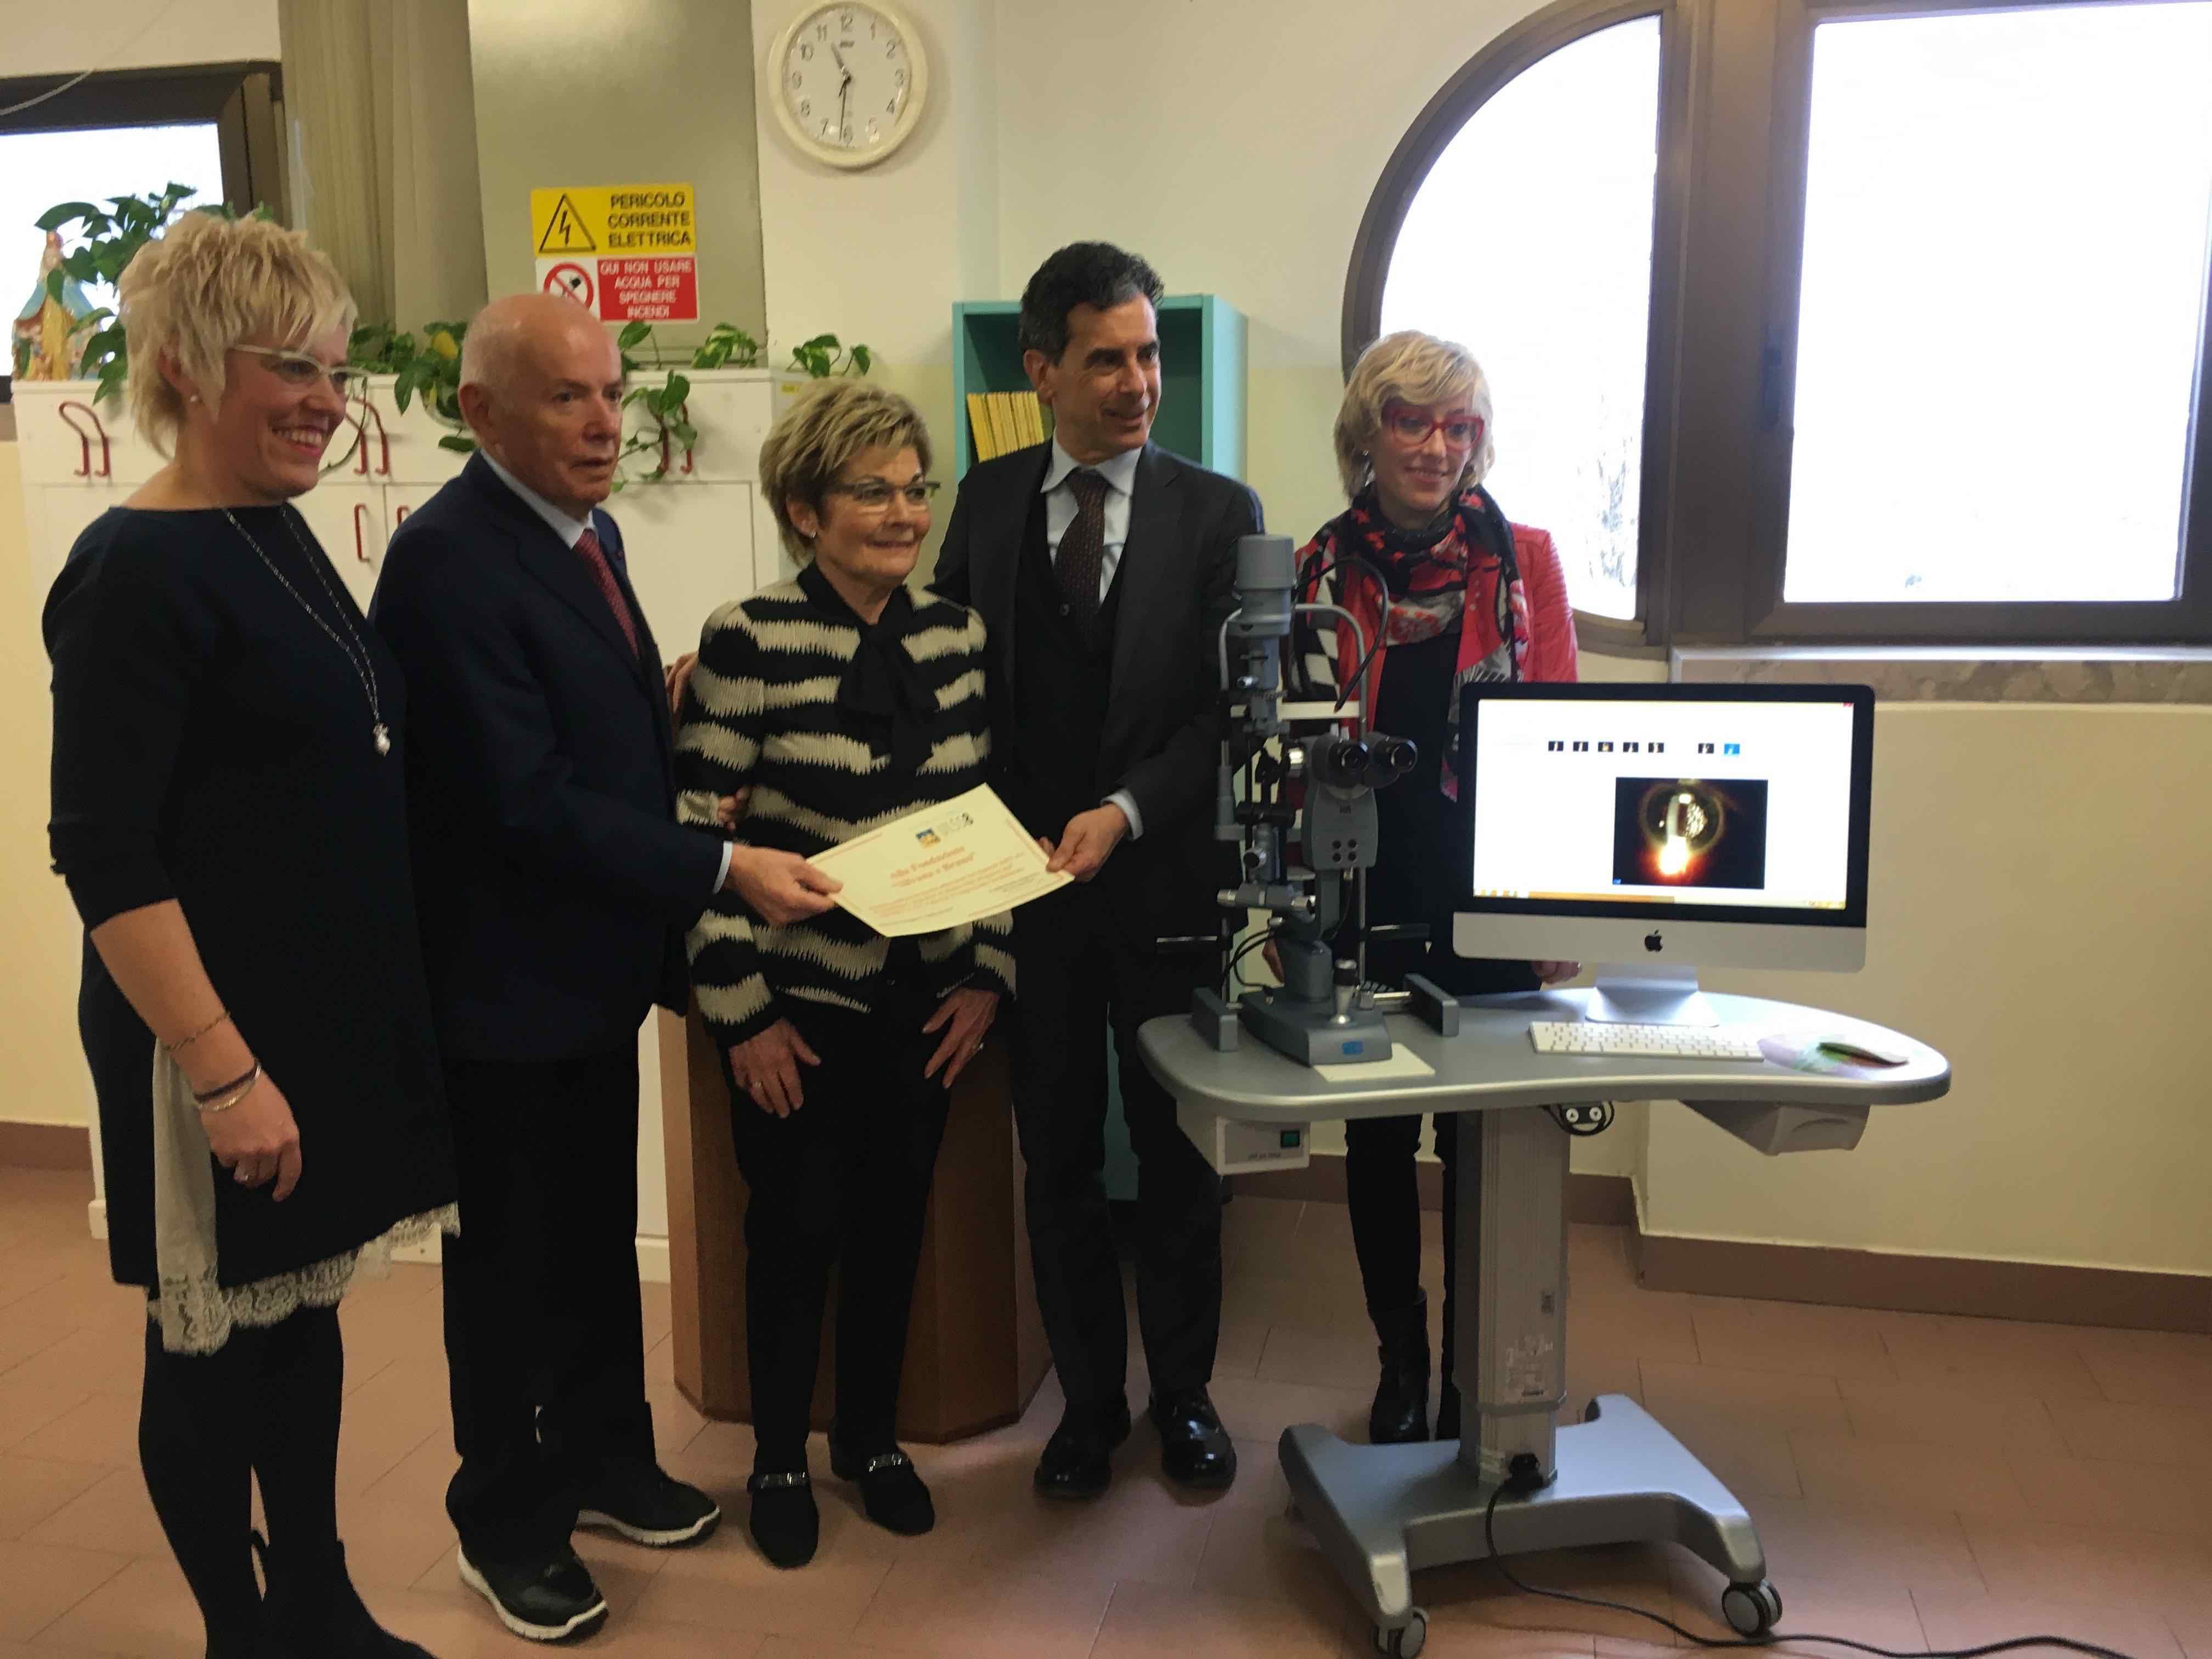 Donazione Ospedale Montecchio M. 2_2_17